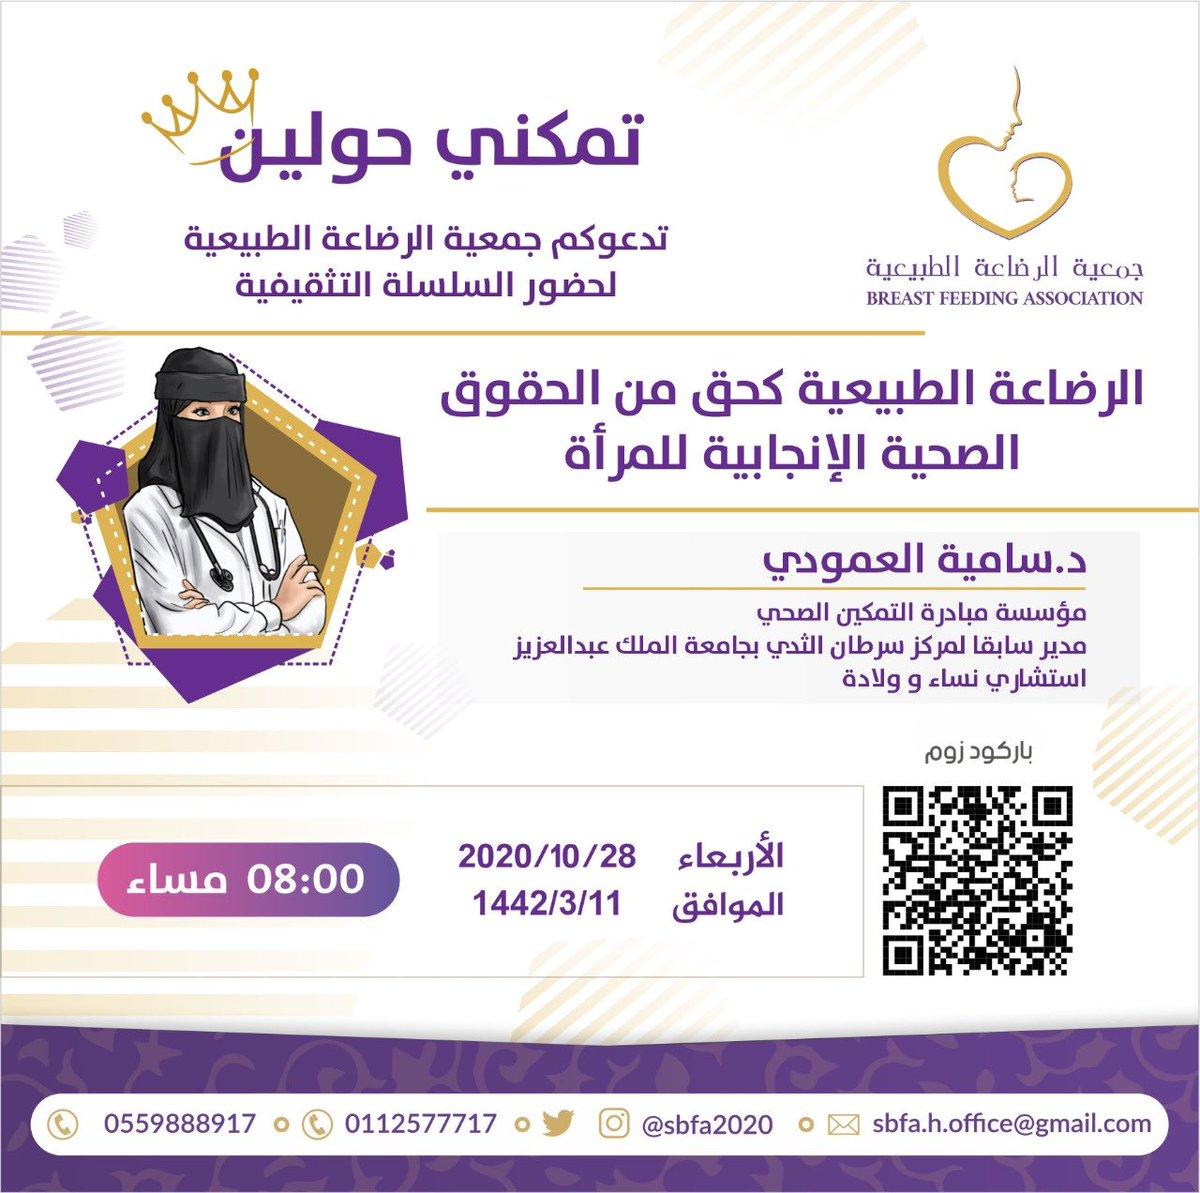 ننتظركم غدا مساءًا باْذن الله الثامنة مساءًا ضمن سلسلة #تمكني_حولين  #الرضاعة_الطبيعية حق من حقوق المرأة #الصحية و #الانجابية #التمكين_الصحي اعداد وتقديم @drsamia @SsogSociety @tfrabiah @RofaidaOrg @Saudimidwifery @dr_aljawoan